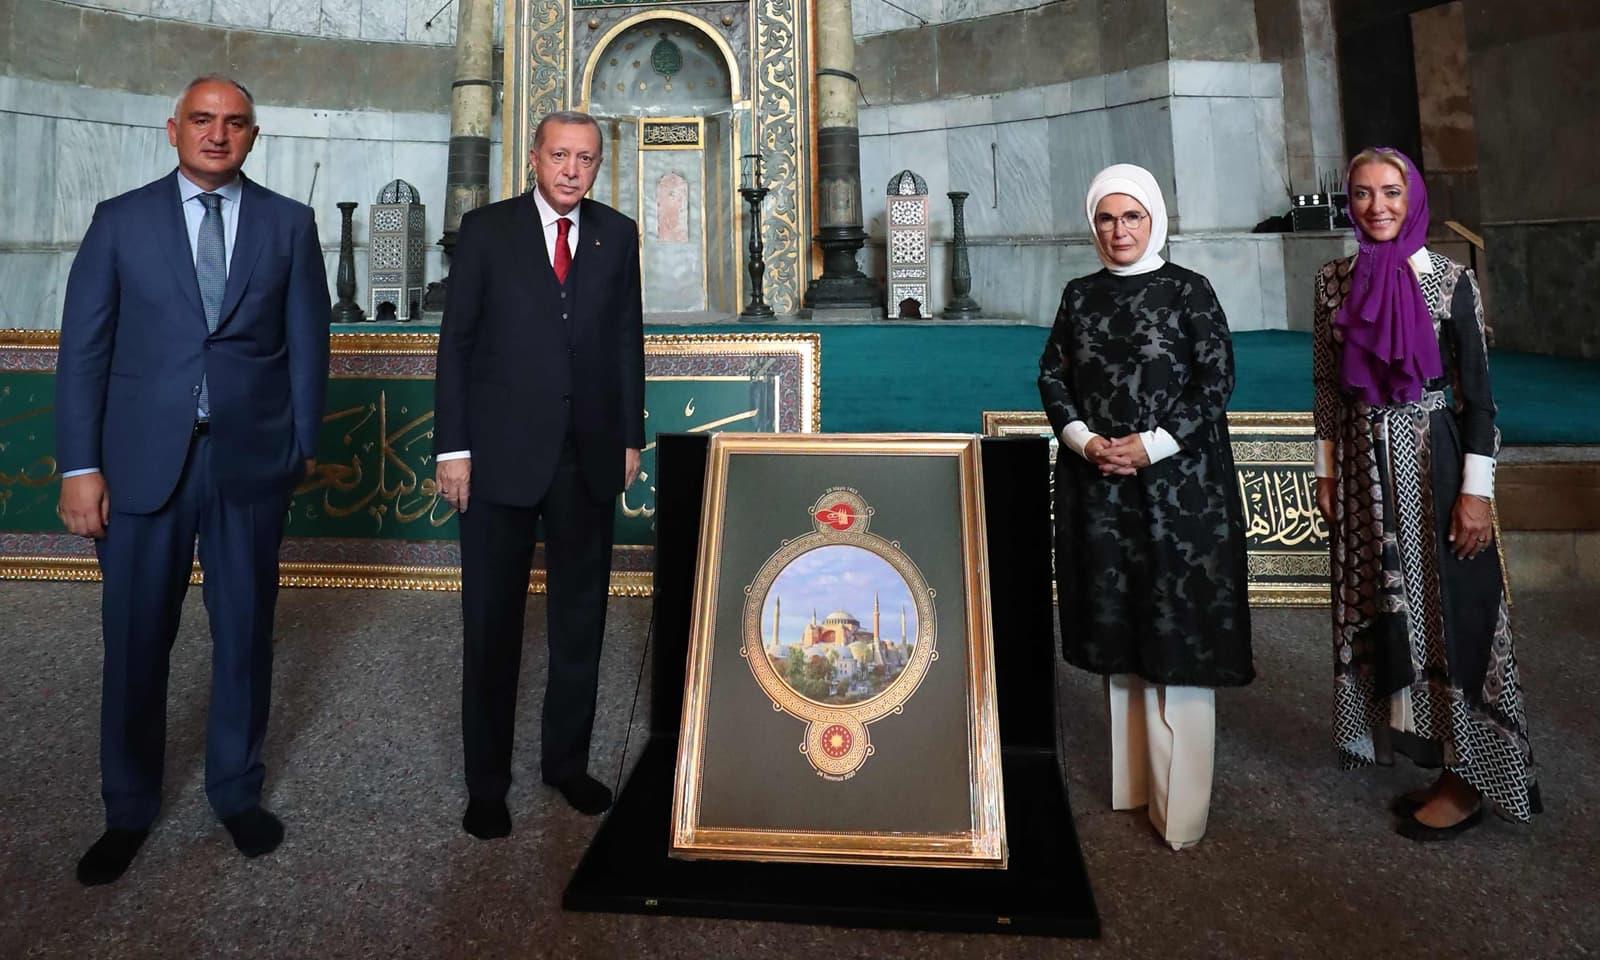 مسجد آیا صوفیہ کو  کھولنے کے موقع پر ترک صدر اور وزیر سیاحت بھی شریک ہوئے — فوٹو: اے ایف پی